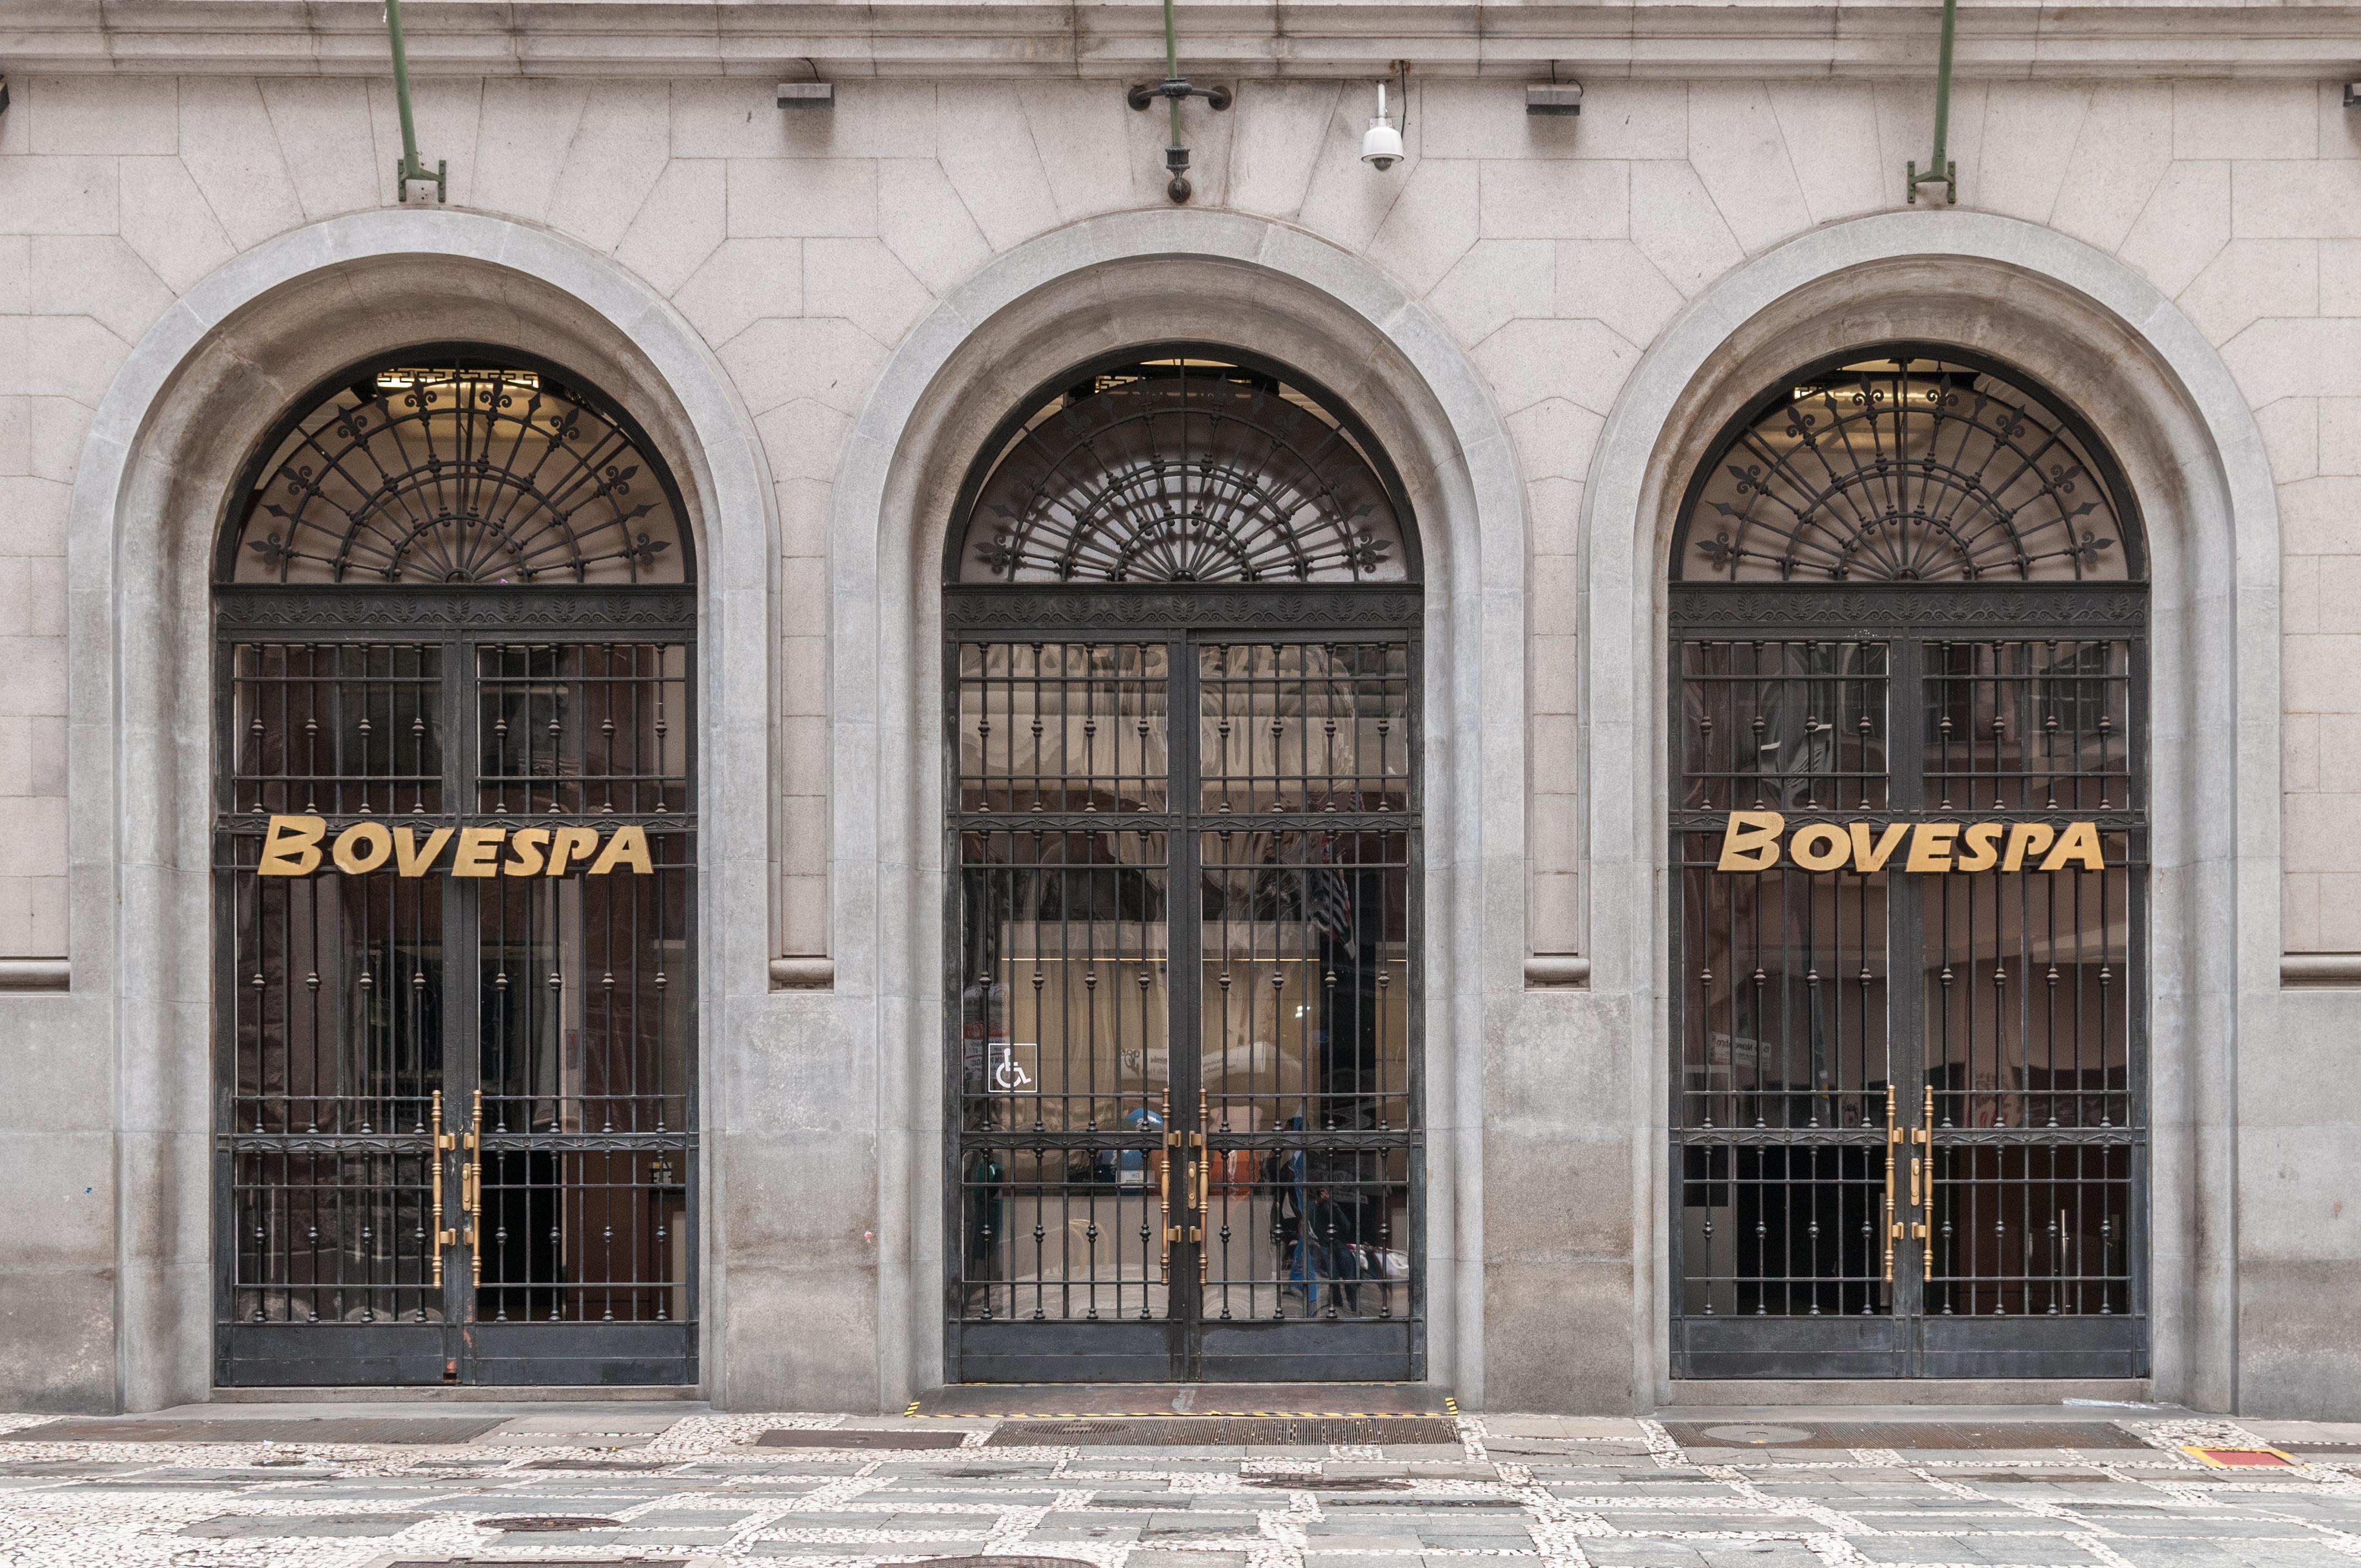 Ibovespa encerra sexta-feira com queda de 0,23%, após atingir 90 pontos